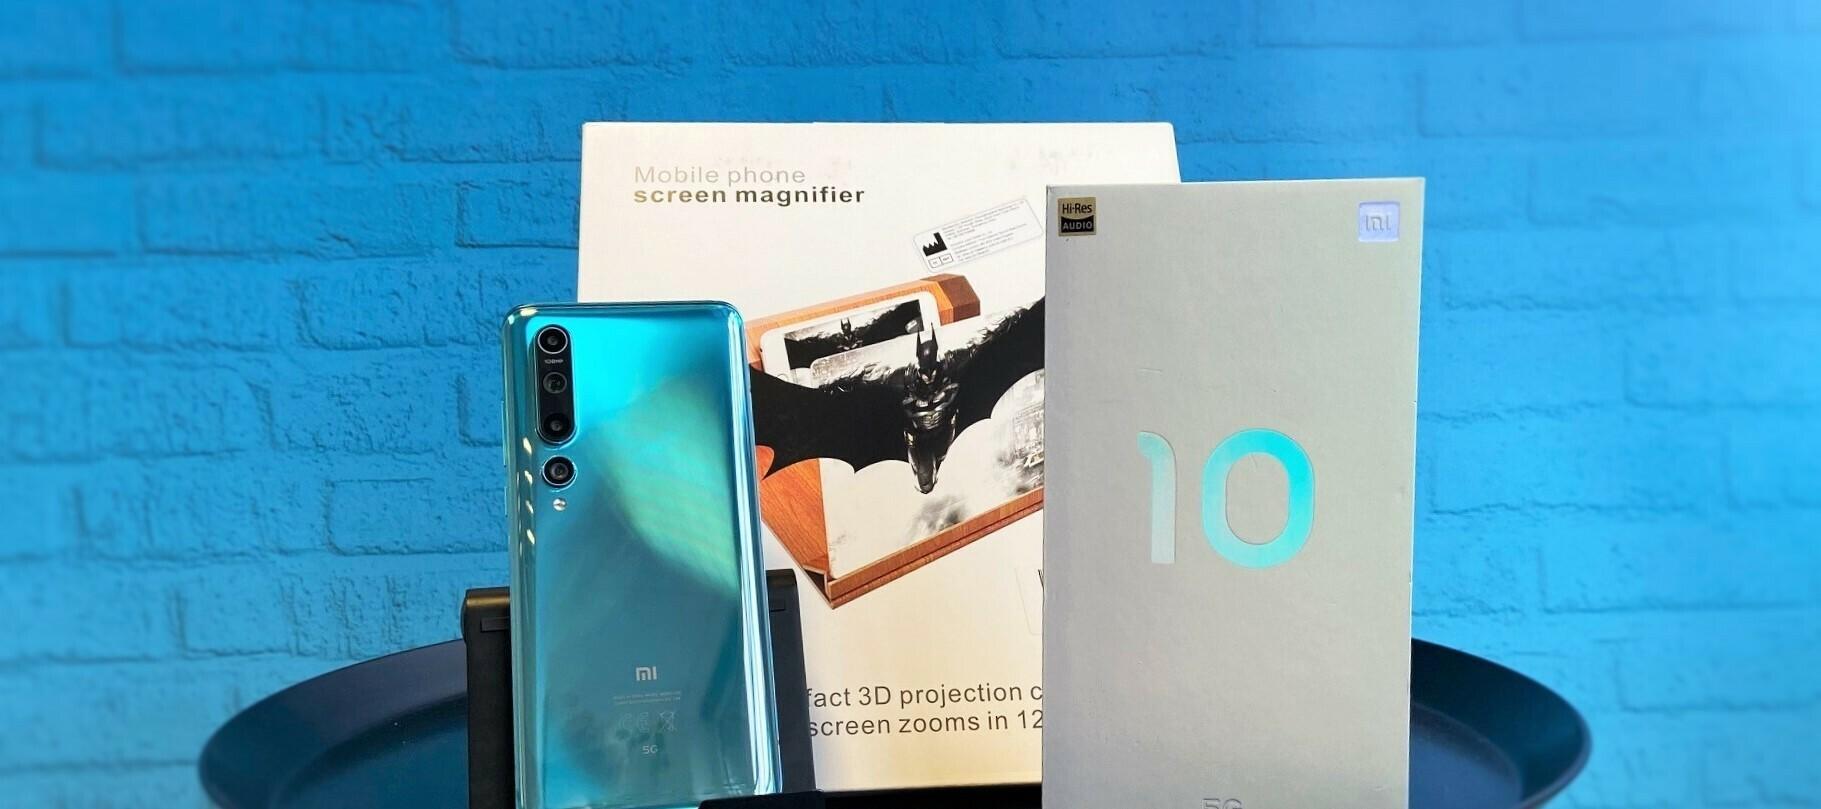 Xiaomi Mi 10 & Mobilephone Screen Magnifier Testgeräte - nimm das Xiaomi unter die Lupe.